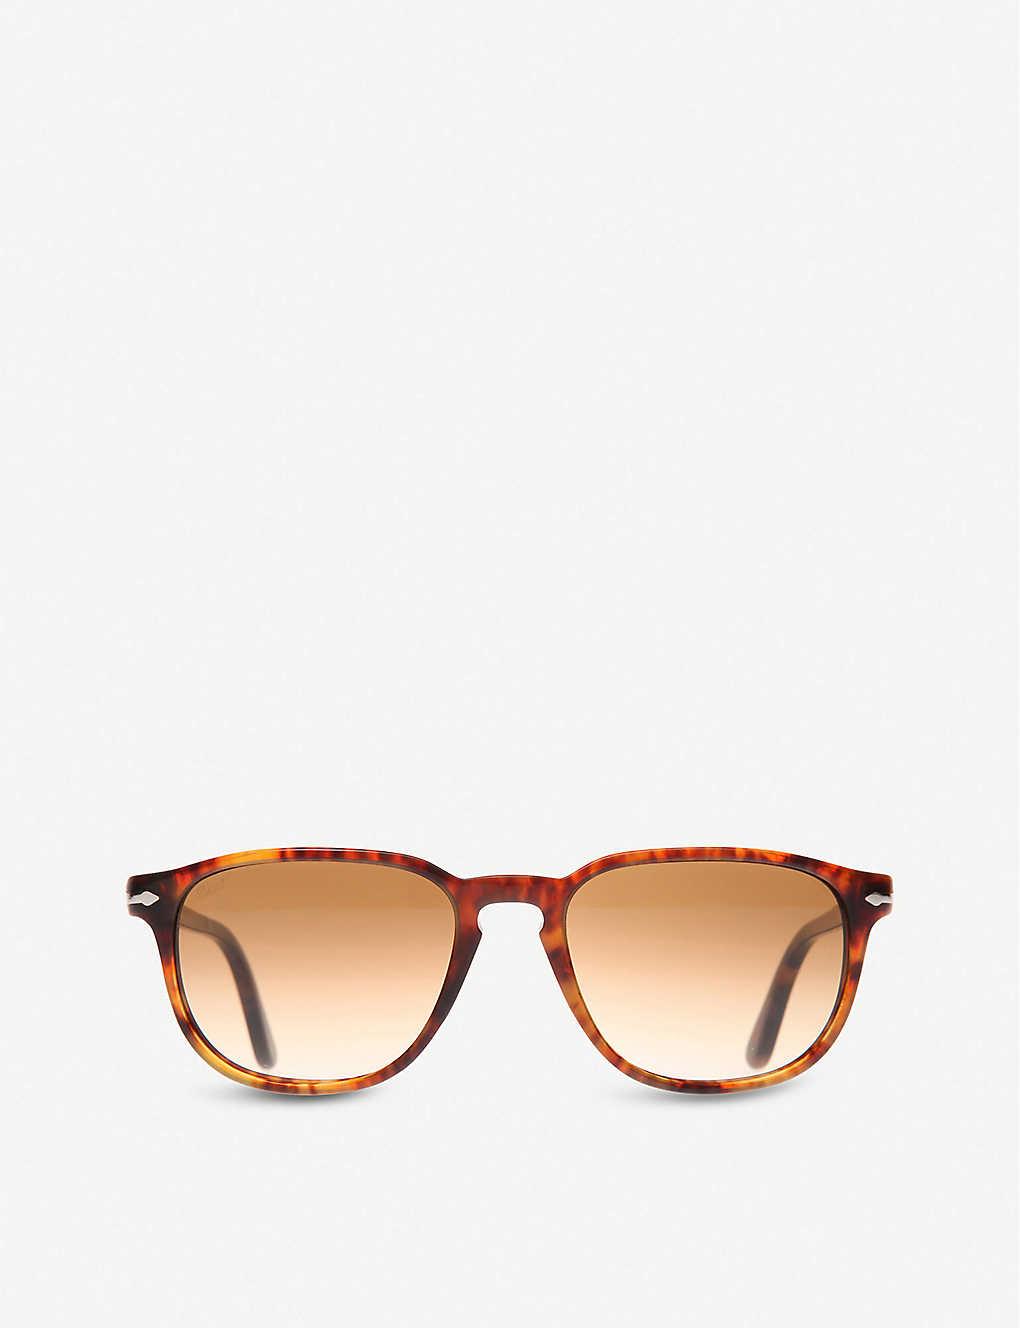 c57b6facc1 PERSOL - Suprema tortoiseshell round-frame sunglasses